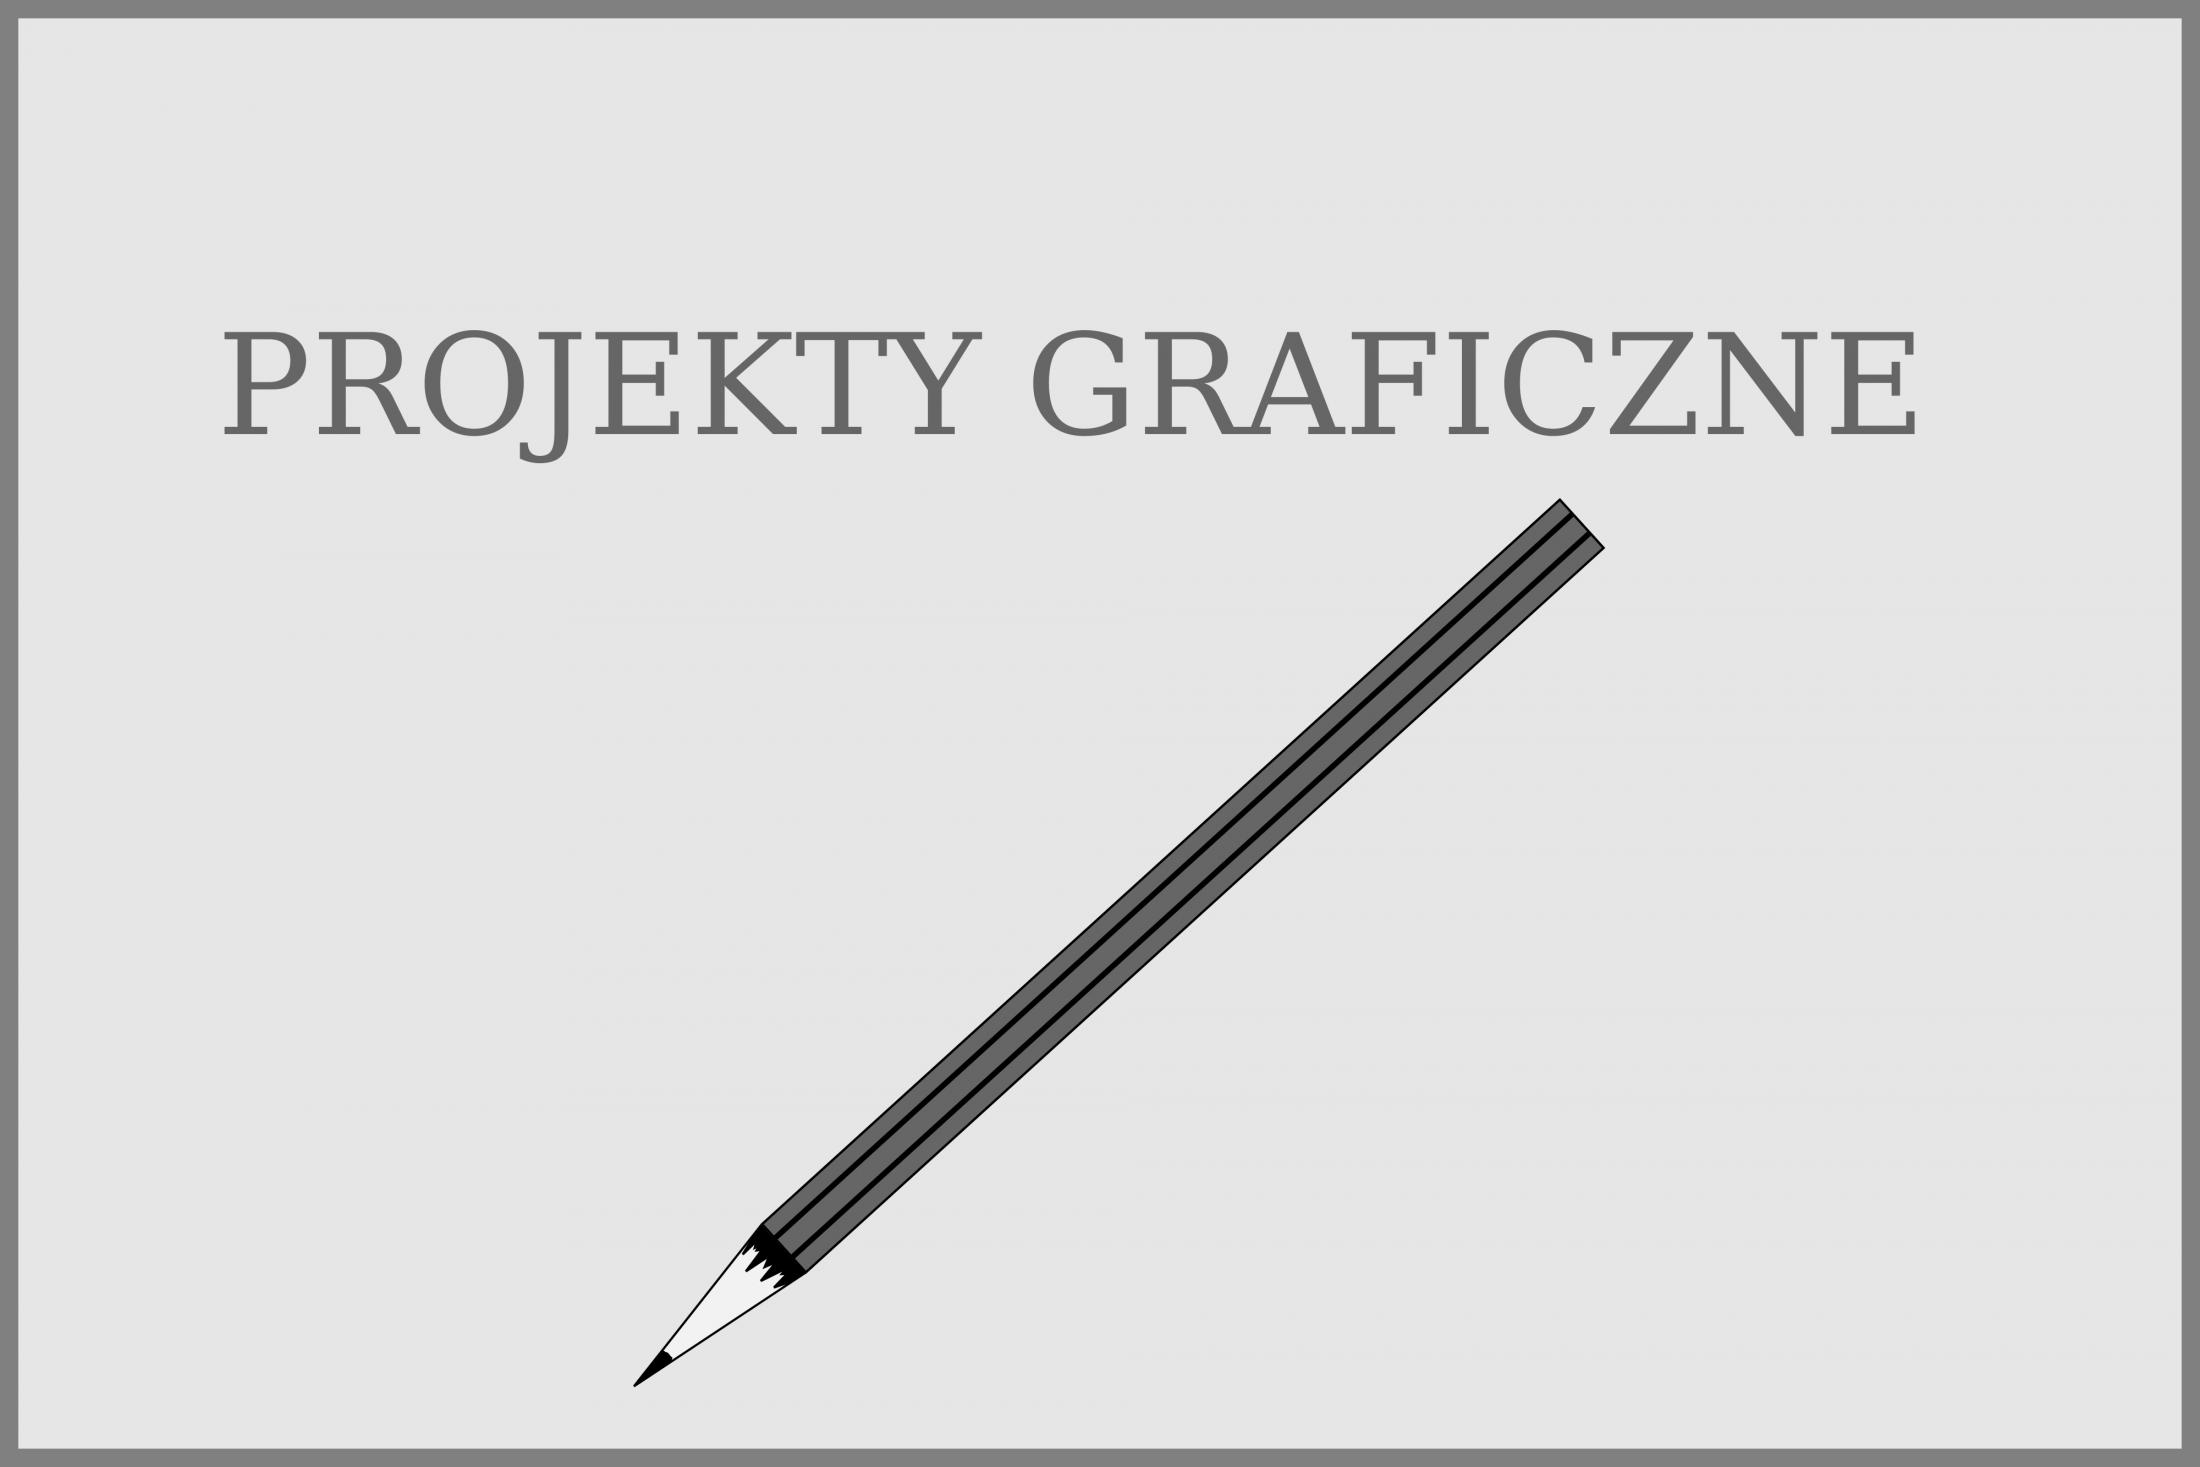 GRAFICZNE